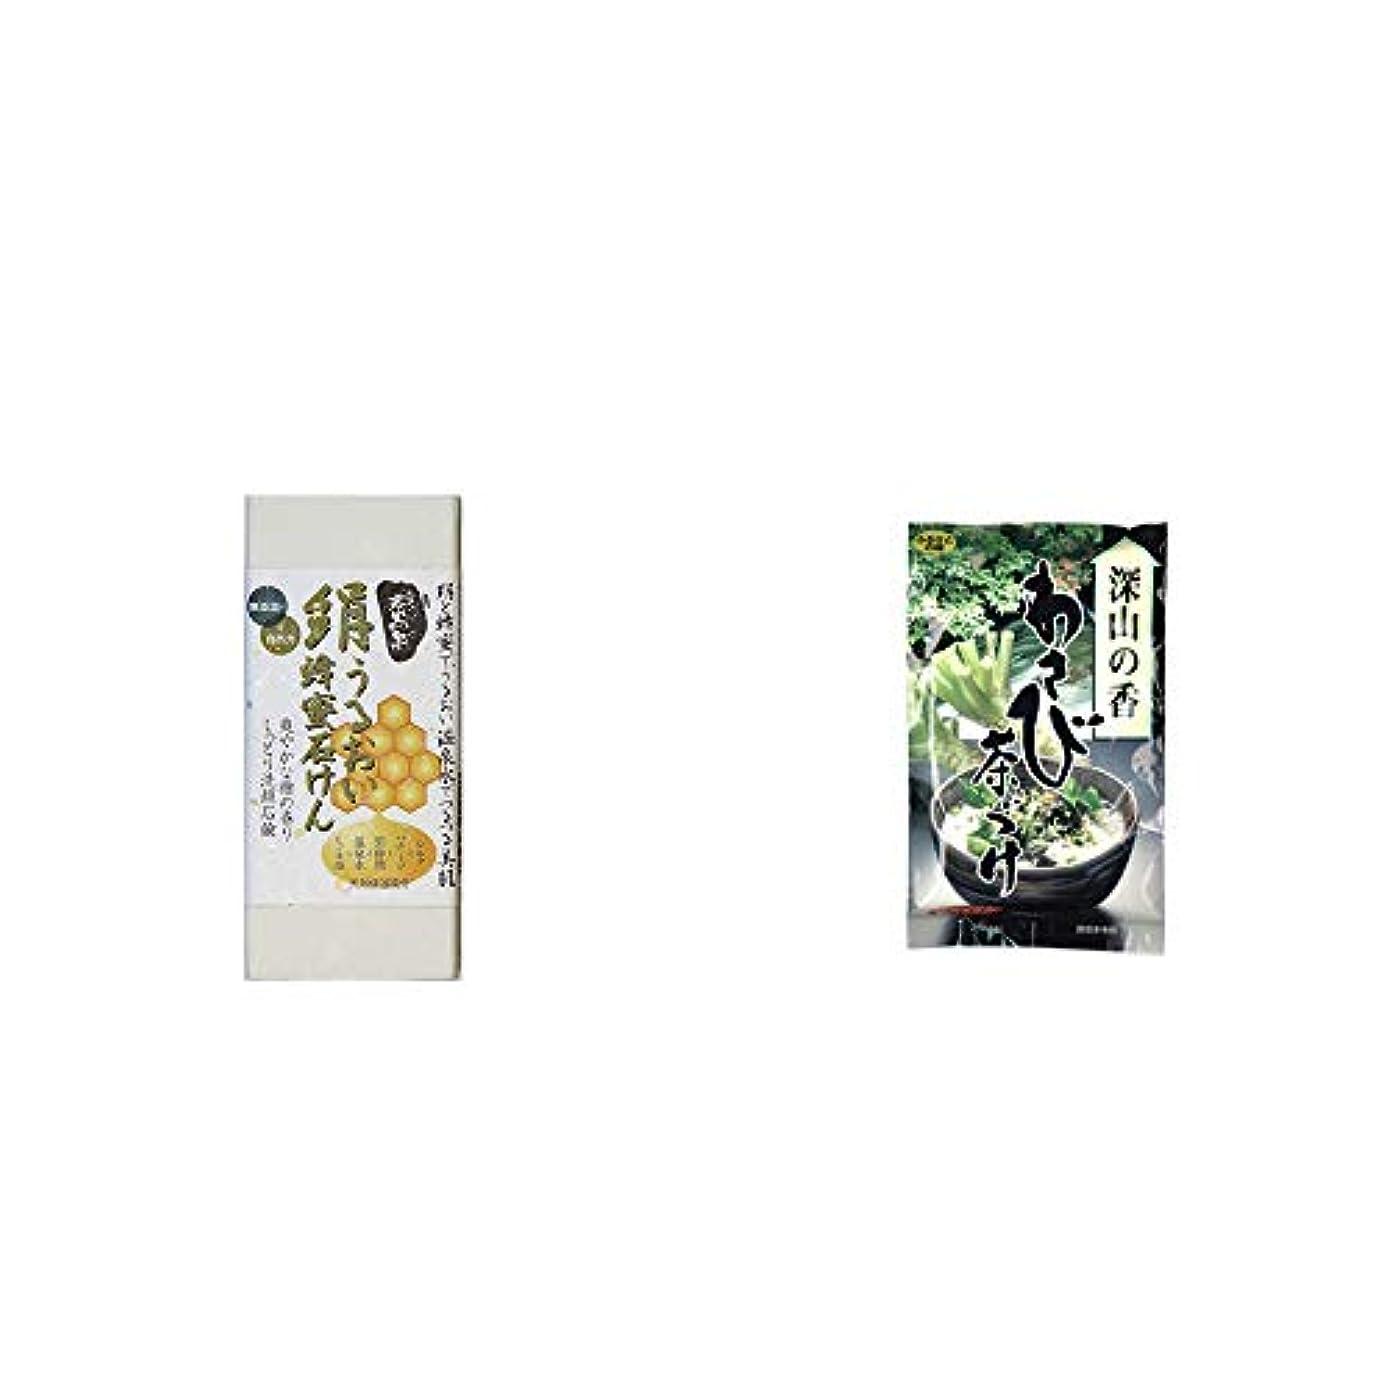 り学部小間[2点セット] ひのき炭黒泉 絹うるおい蜂蜜石けん(75g×2)?特選茶漬け 深山の香 わさび茶づけ(10袋入)